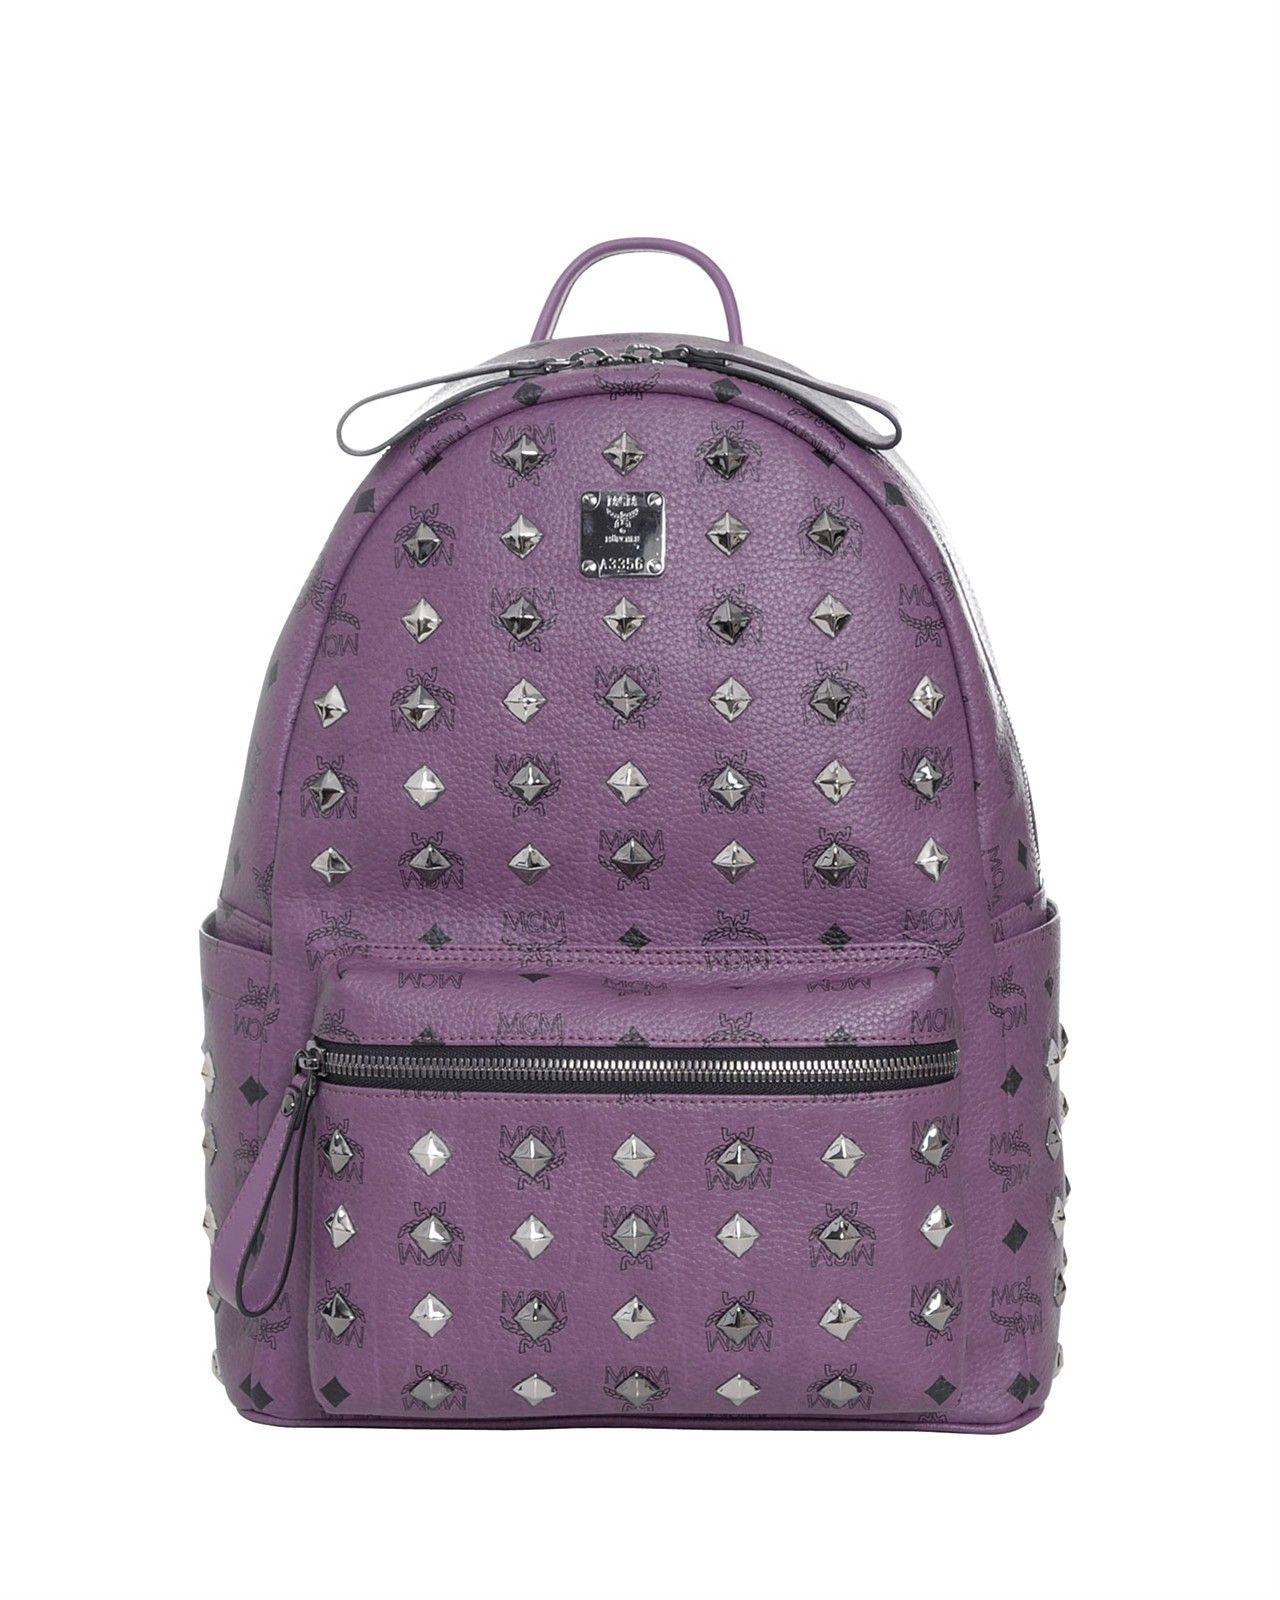 MCM - Bag Mcm Handbags b9ce03375dfa9